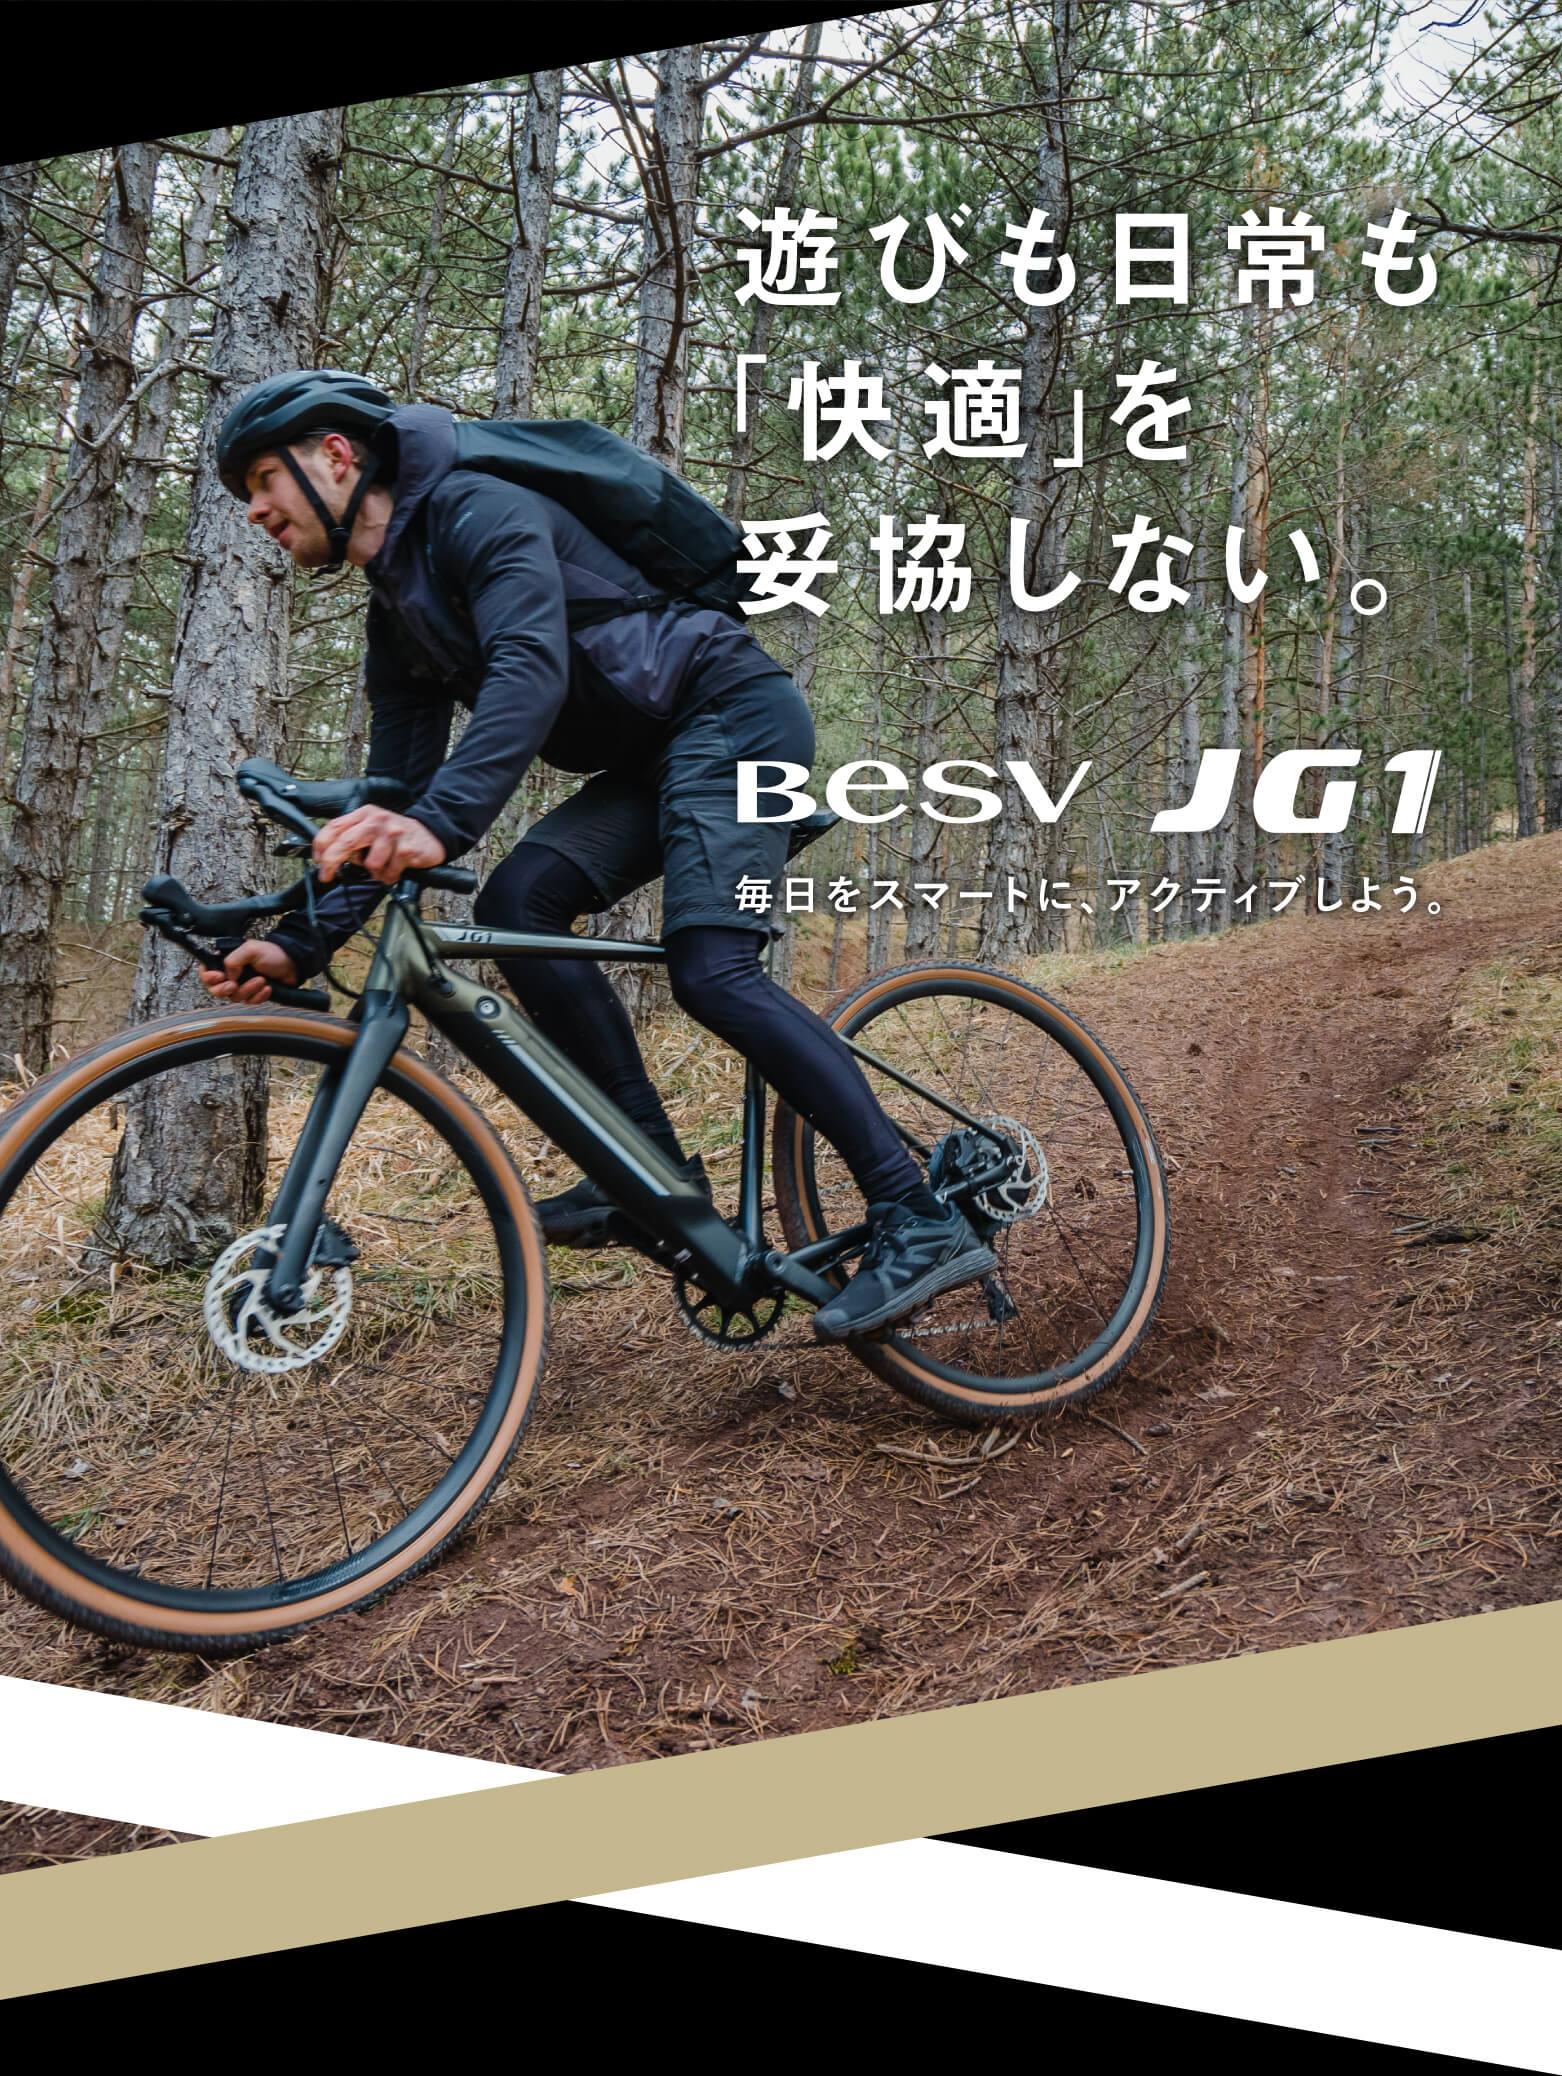 遊びも日常も「快適」を妥協しない。 BESV JG1 毎日をスマートに、アクティブしよう。